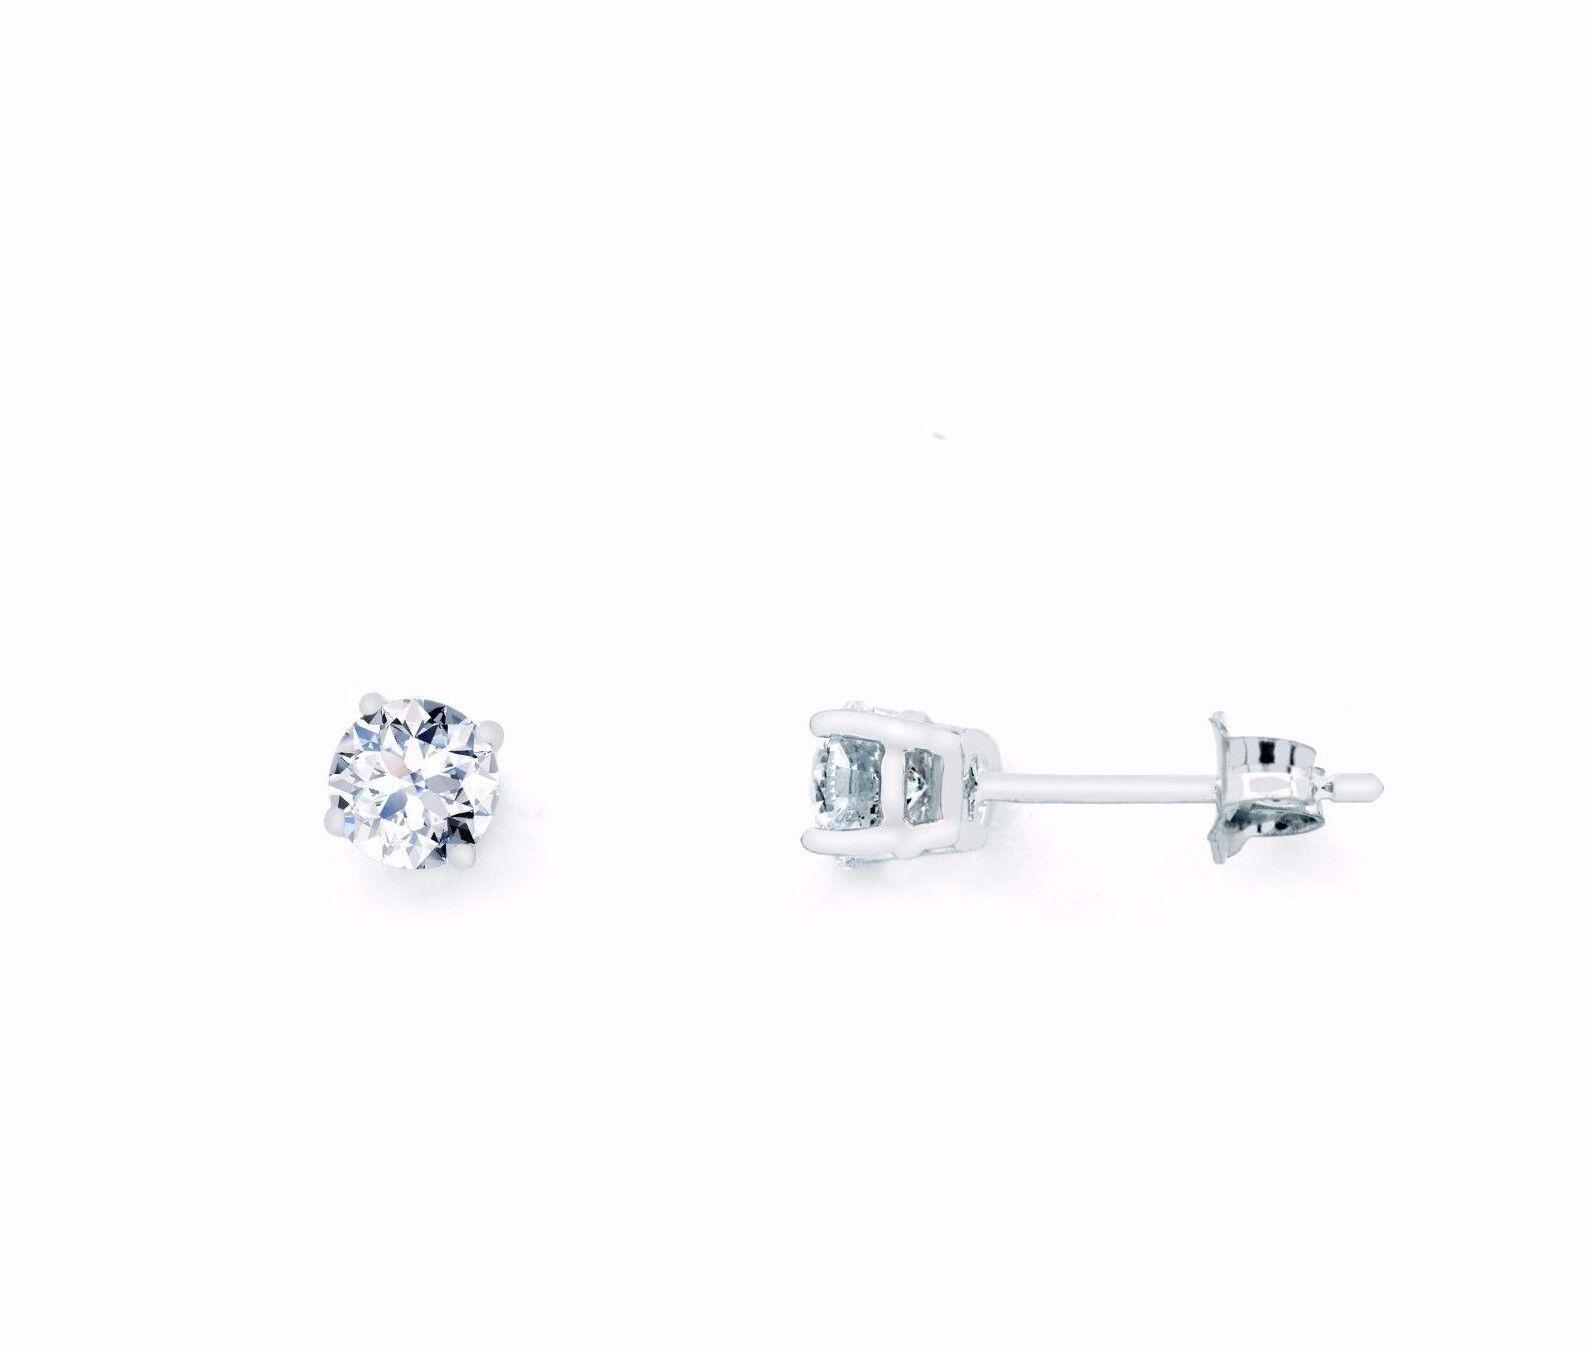 0.25 Karat Total Diamond Stud Earrings White gold